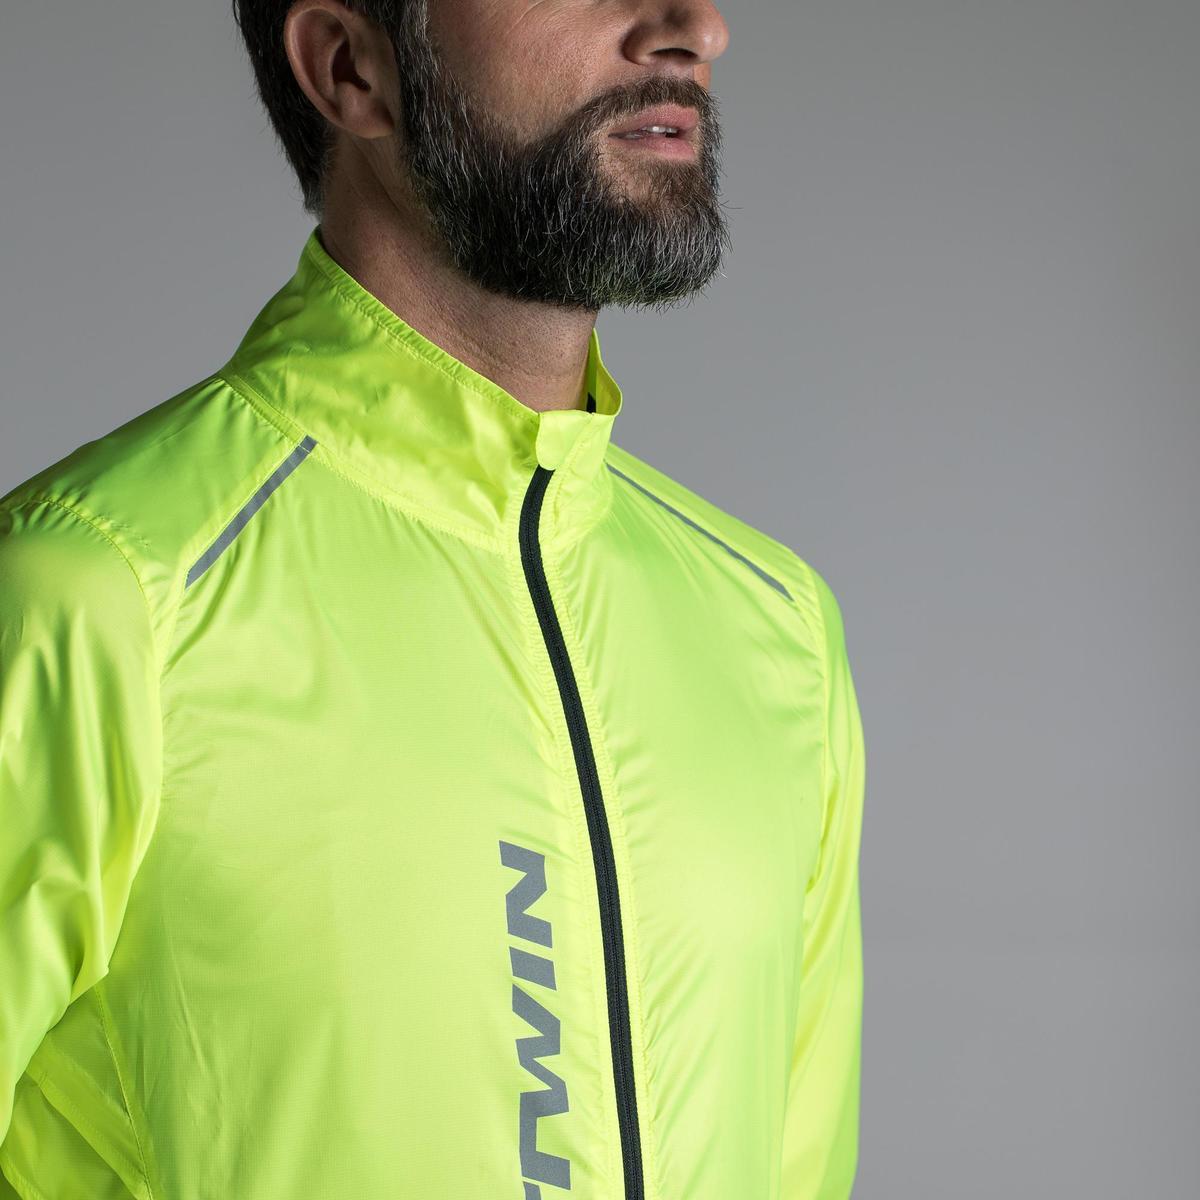 Bild 5 von Fahrrad-Windjacke Langarm Rennrad Ultralight Herren neongelb